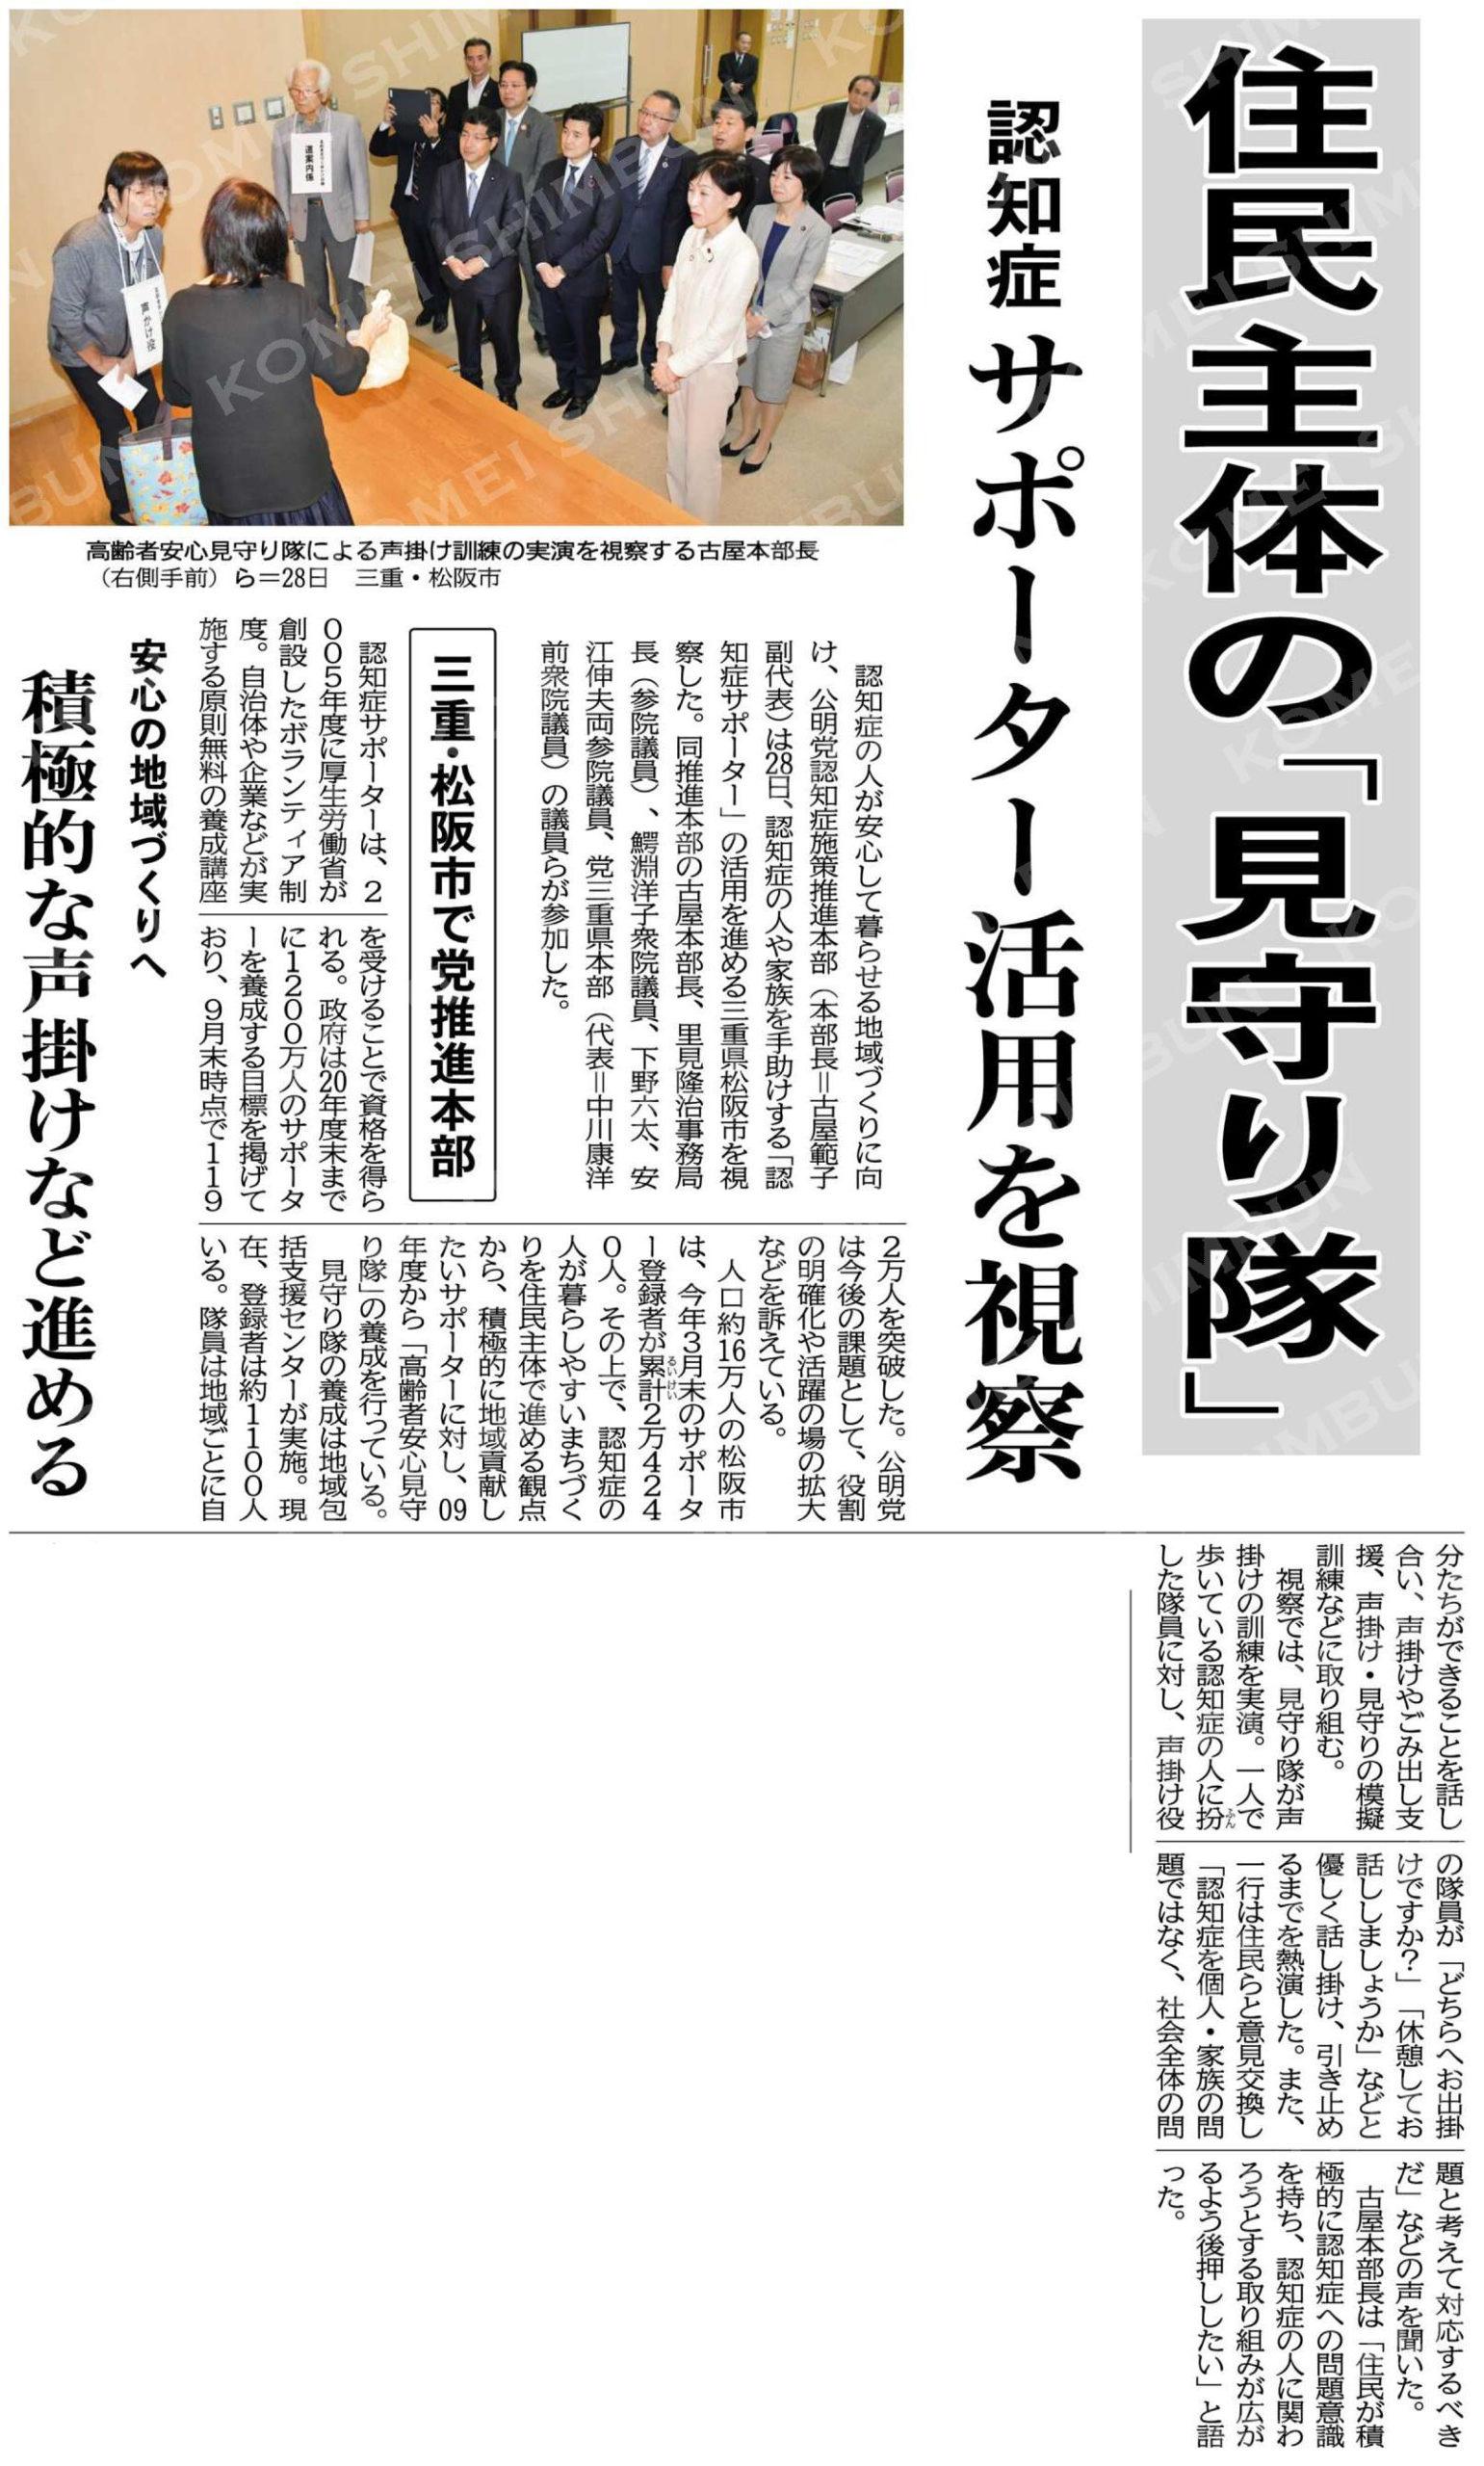 住民主体の「見守り隊」/認知症サポーター活用を視察/三重・松阪市で党推進本部